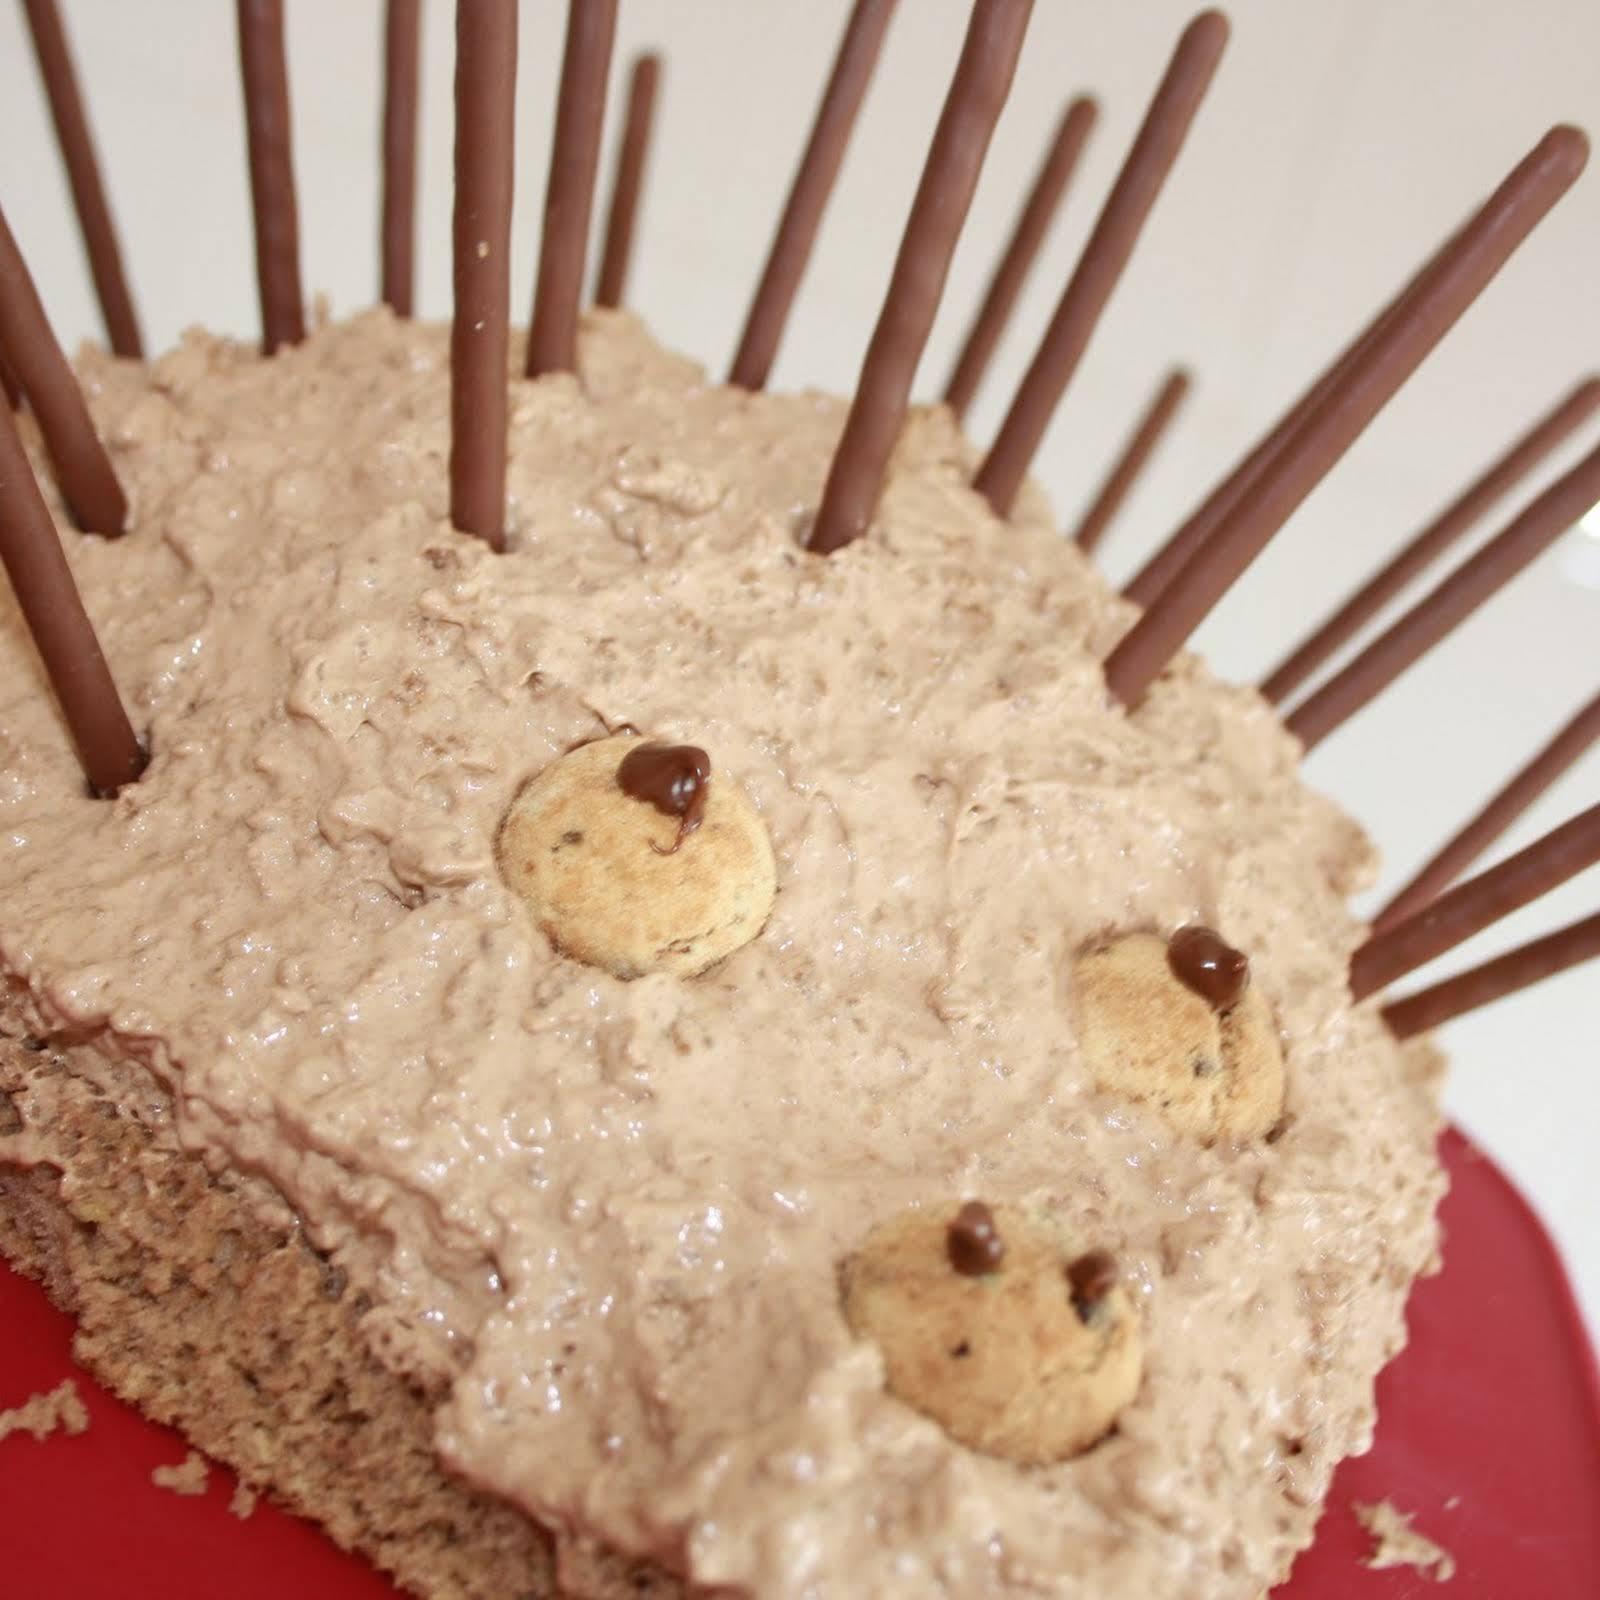 Pleasing Hedgehog Birthday Cake Recipe Yummly Funny Birthday Cards Online Inifodamsfinfo